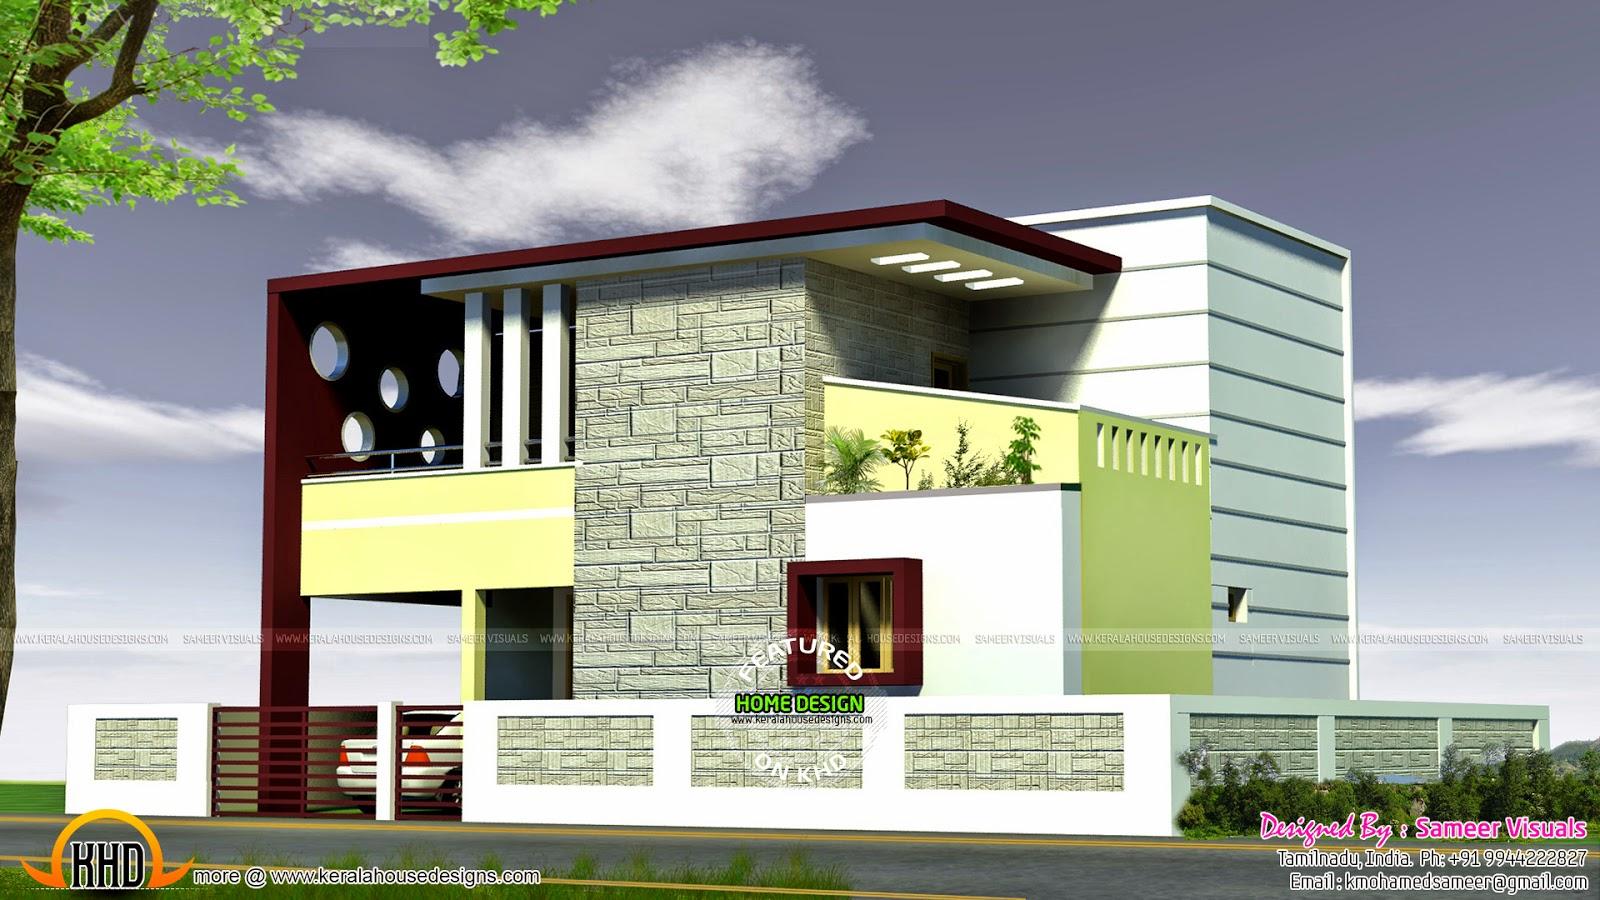 2289 square feet Tamilnadu home design - Kerala home design and ... - Modern Tamilnadu house design